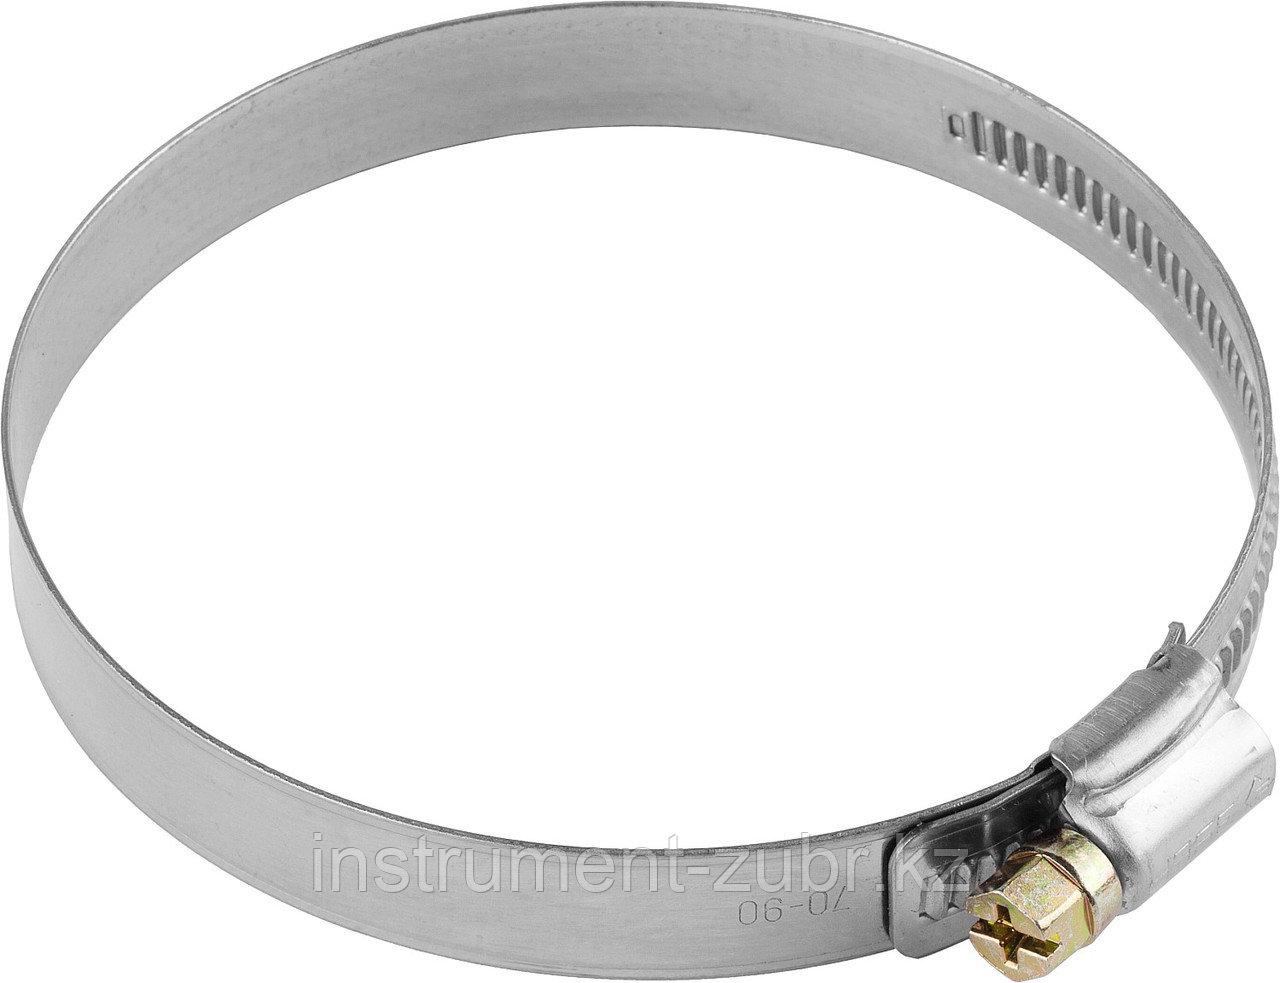 Хомуты, нерж. сталь, накатная лента 12 мм, 80-100 мм, 50 шт, ЗУБР Профессионал